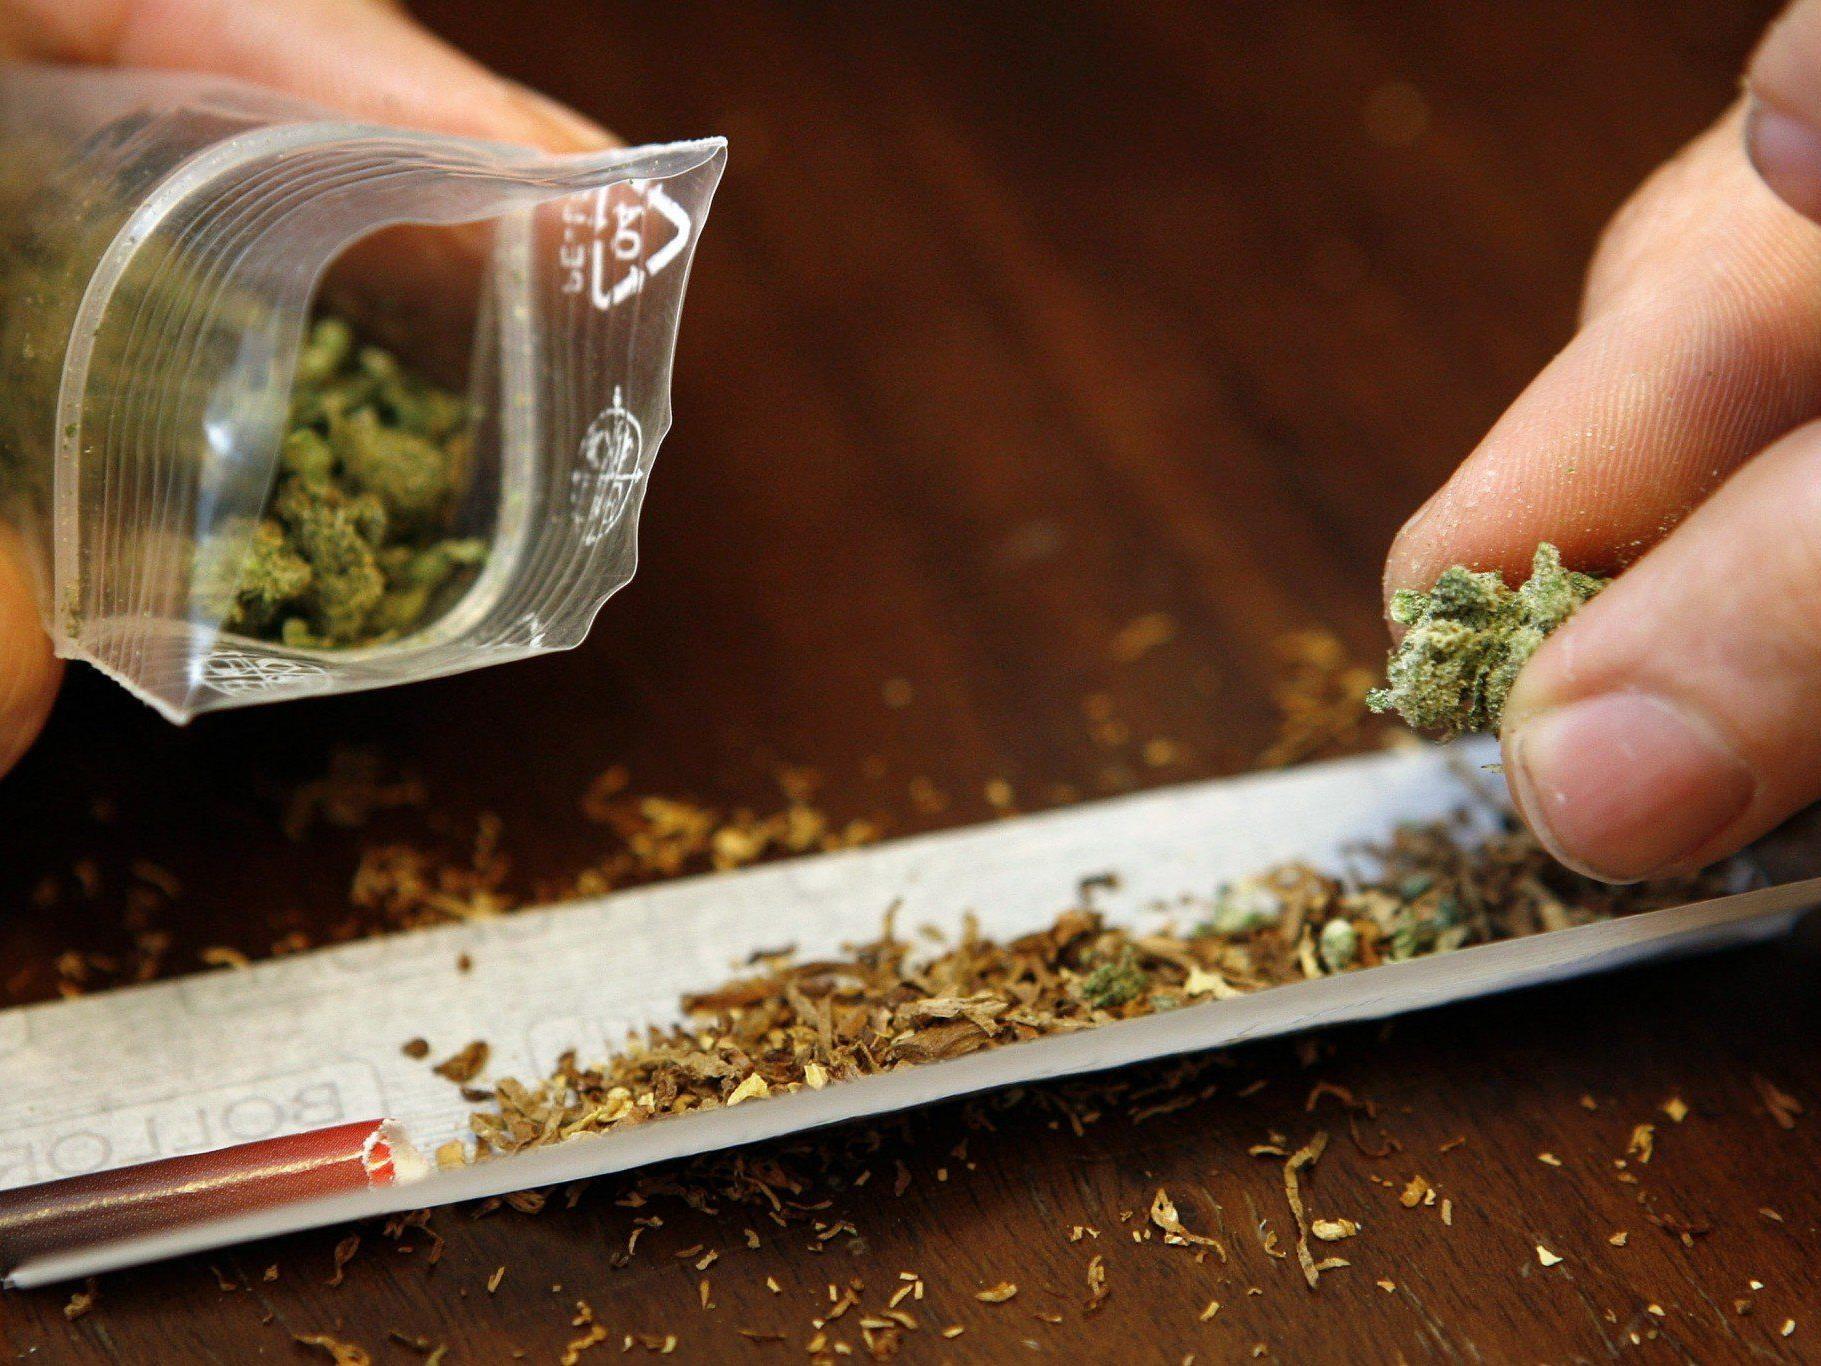 Am Wochenende konnten drei mutmaßliche Drogendealer in Wien festgenommen werden.